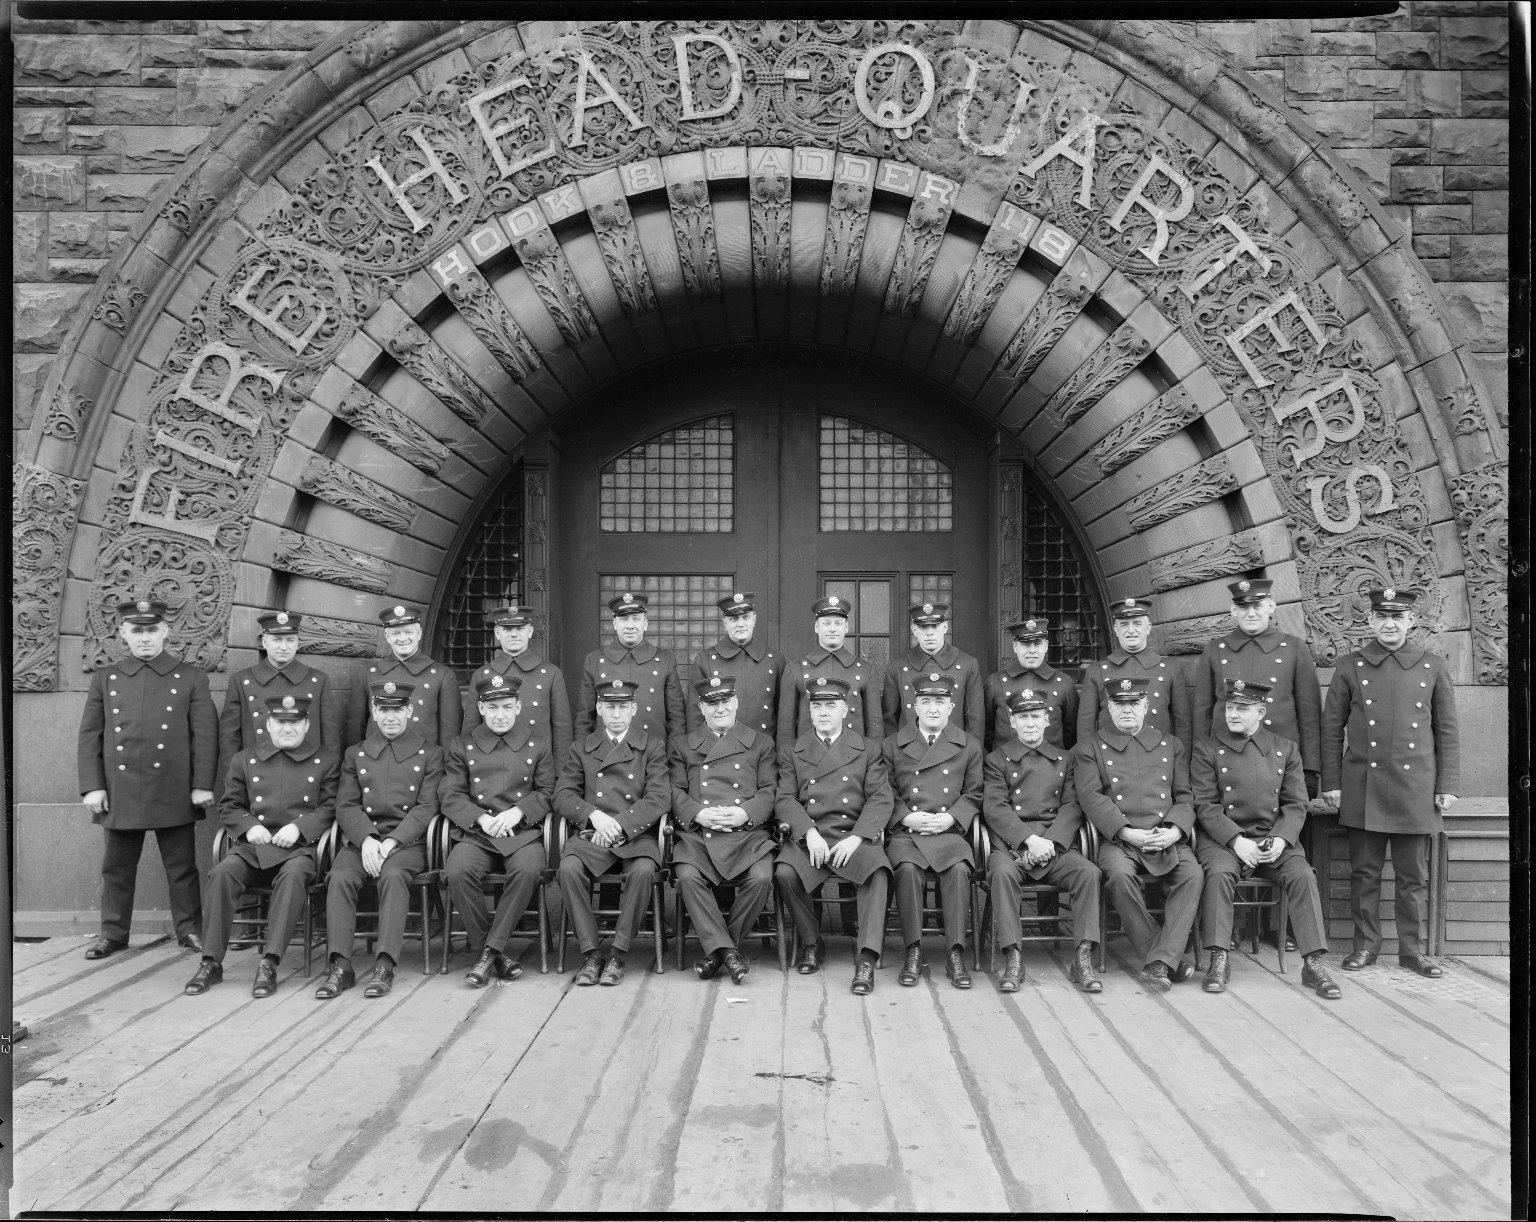 Офицеры службы спасения Бруклинского пожарного департамента, Нью-Йорк, США. 1929 год